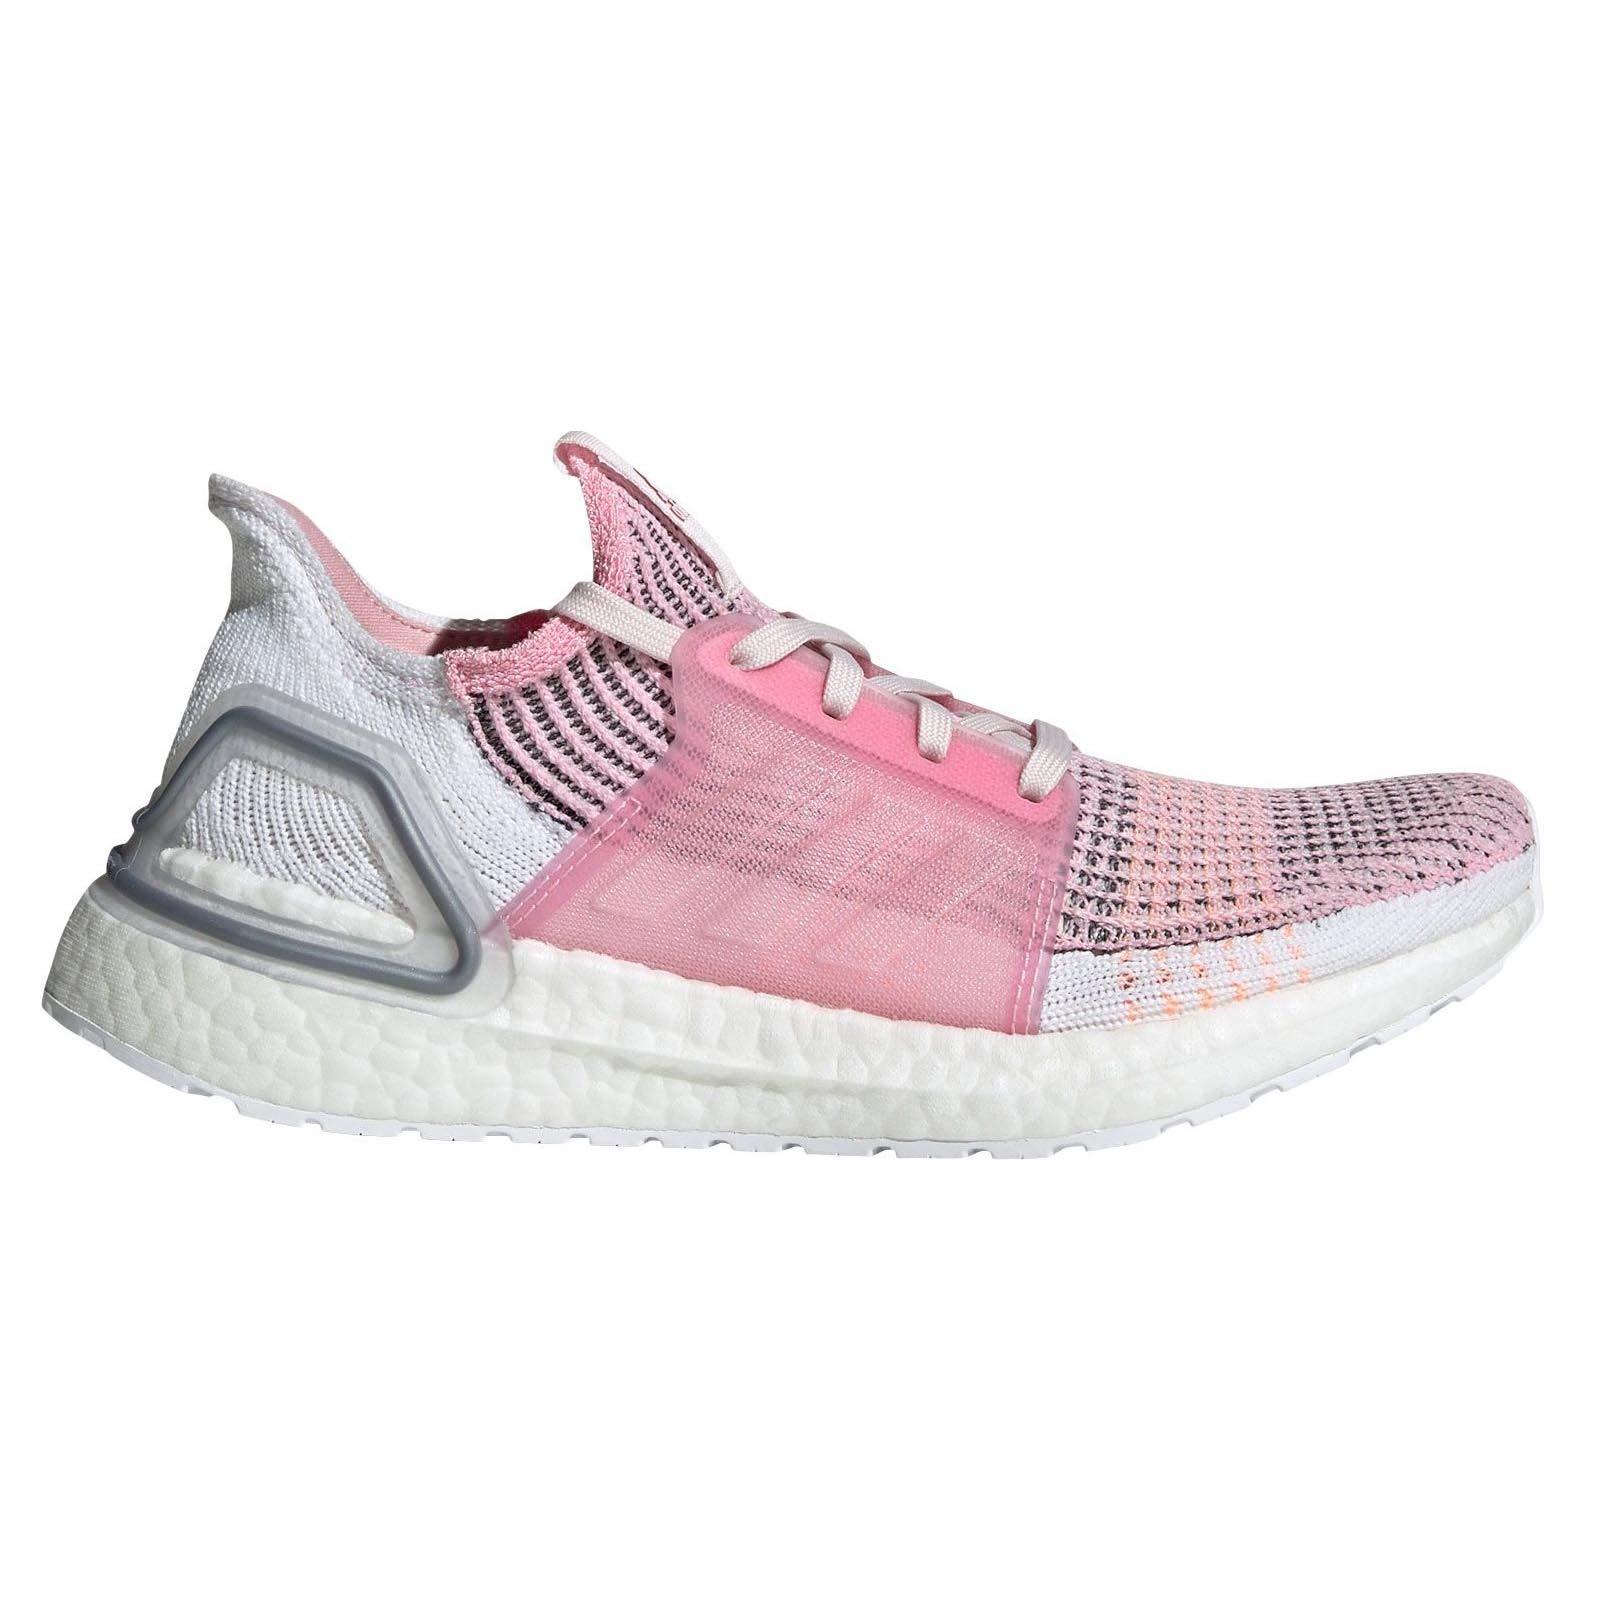 adidas Ultraboost 19 Womens Womens Ef6517 Size 10.5 by adidas